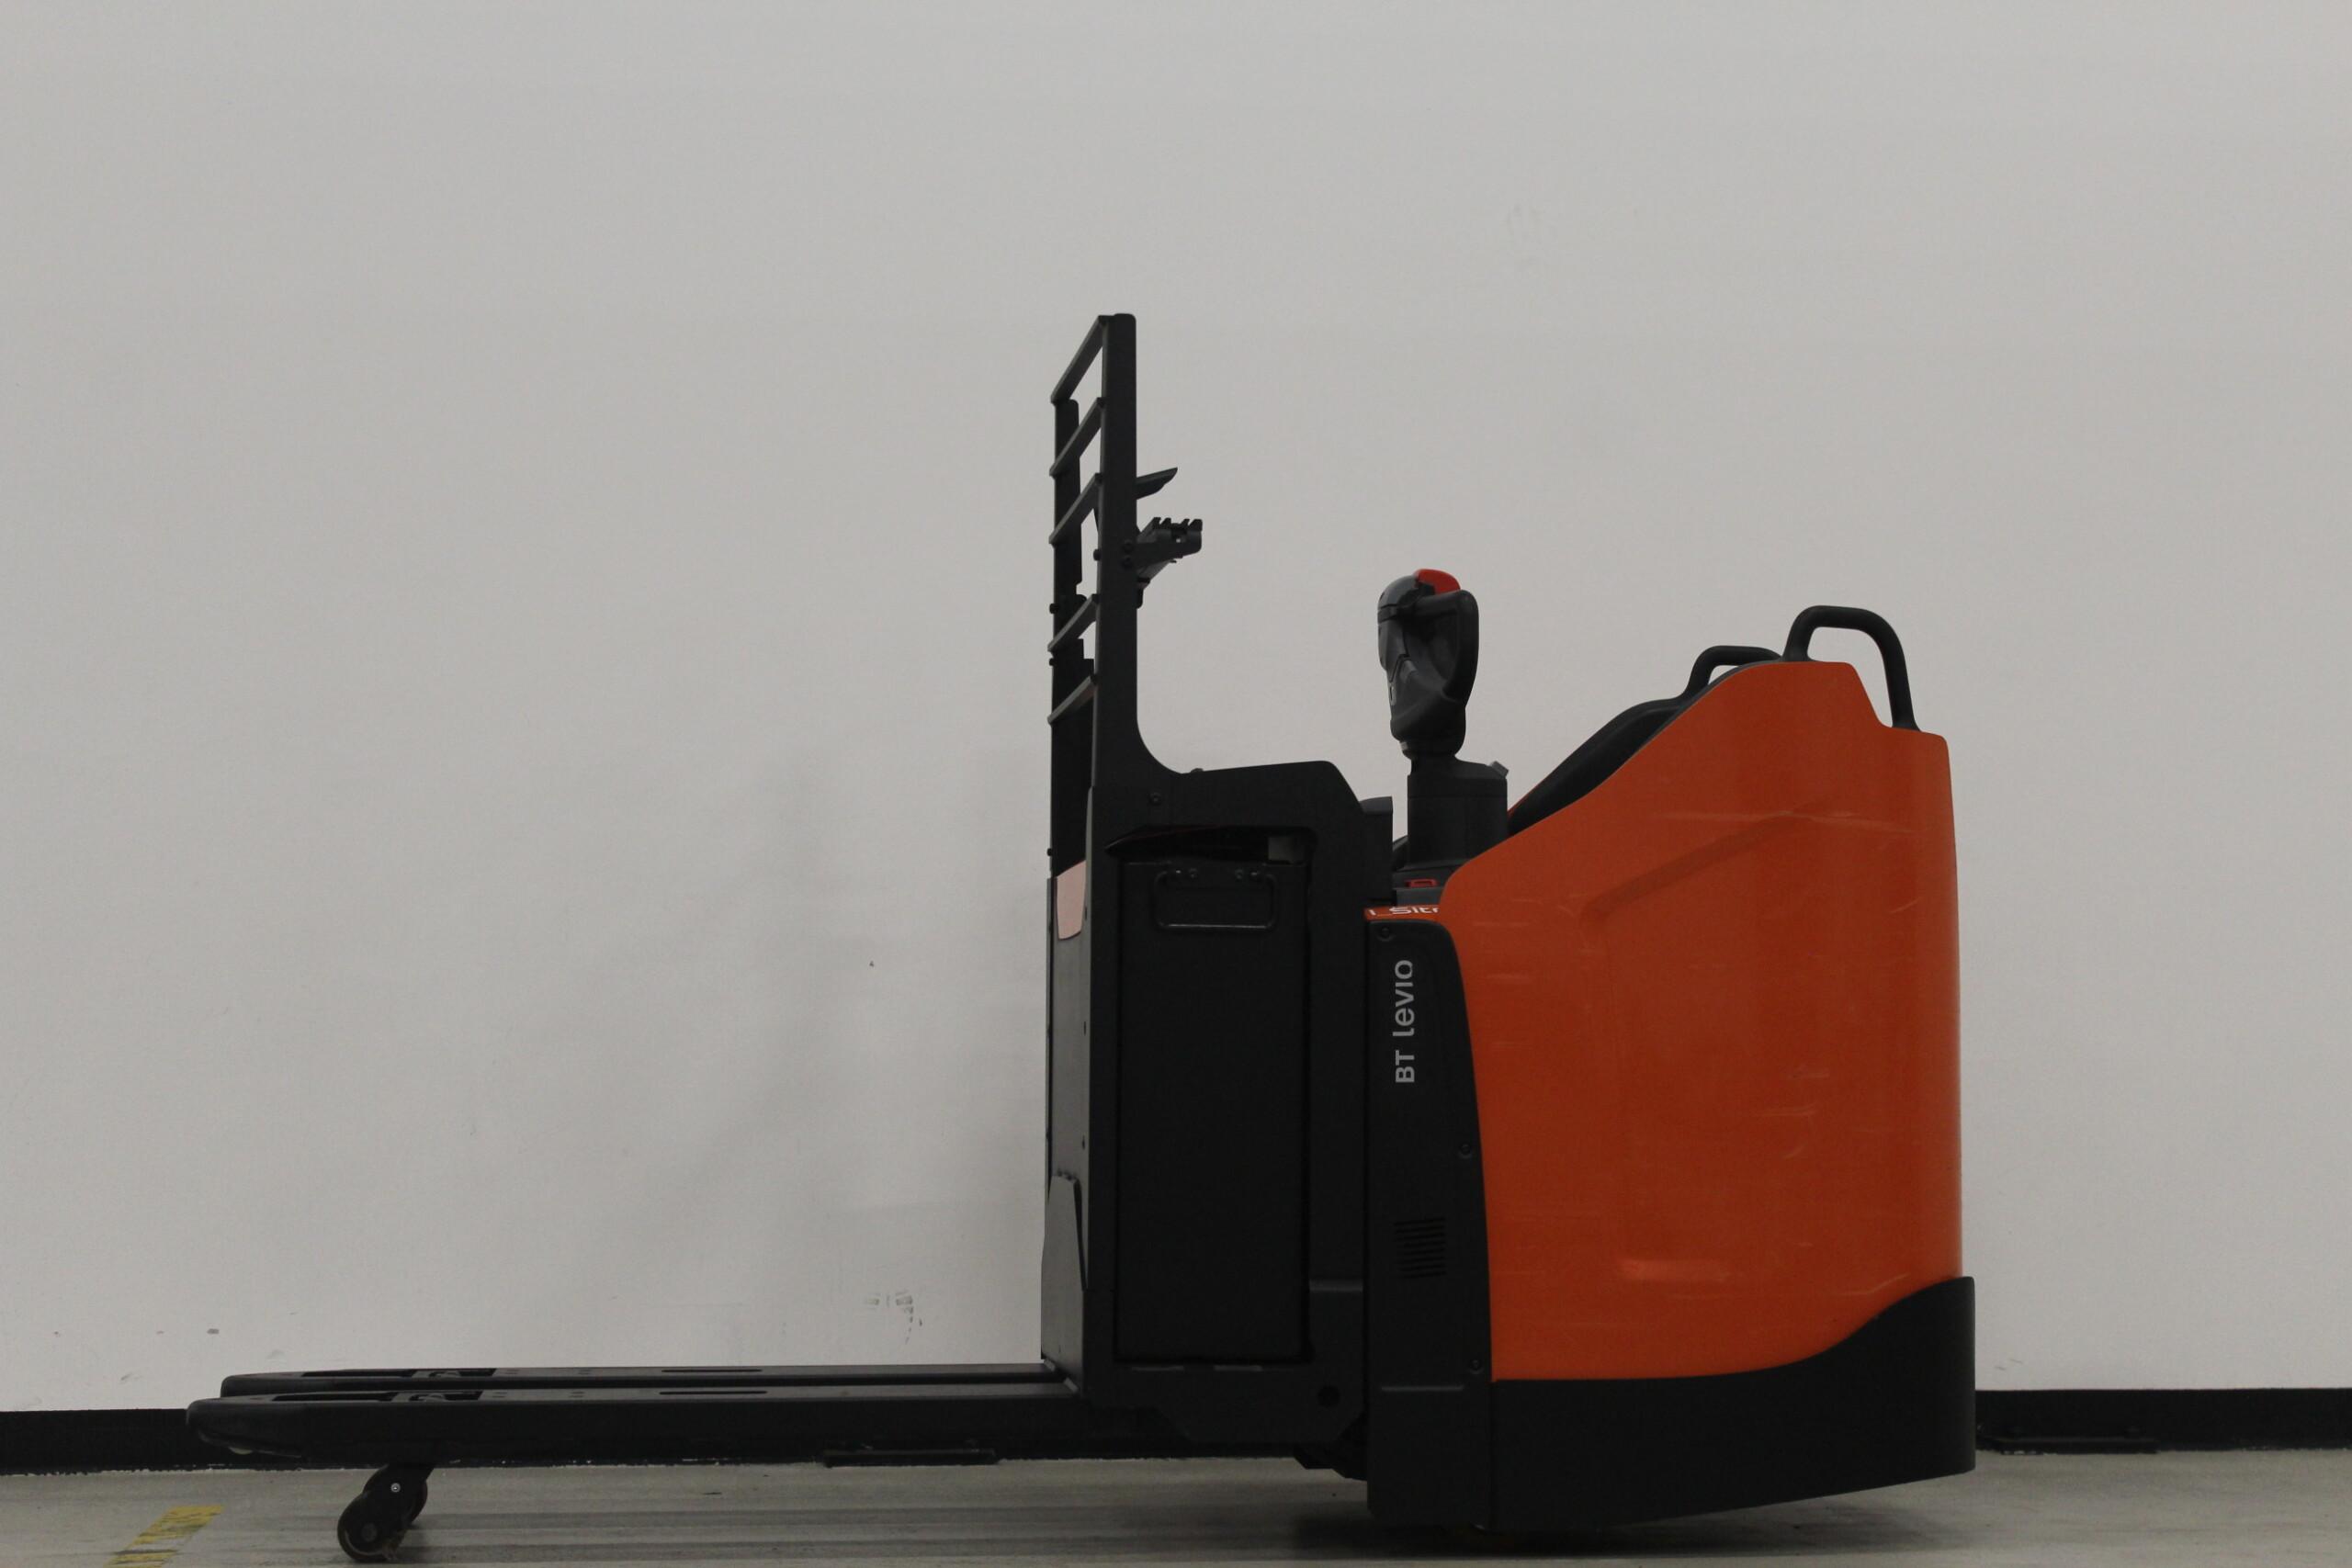 Toyota-Gabelstapler-59840 1803003279 1 57 scaled